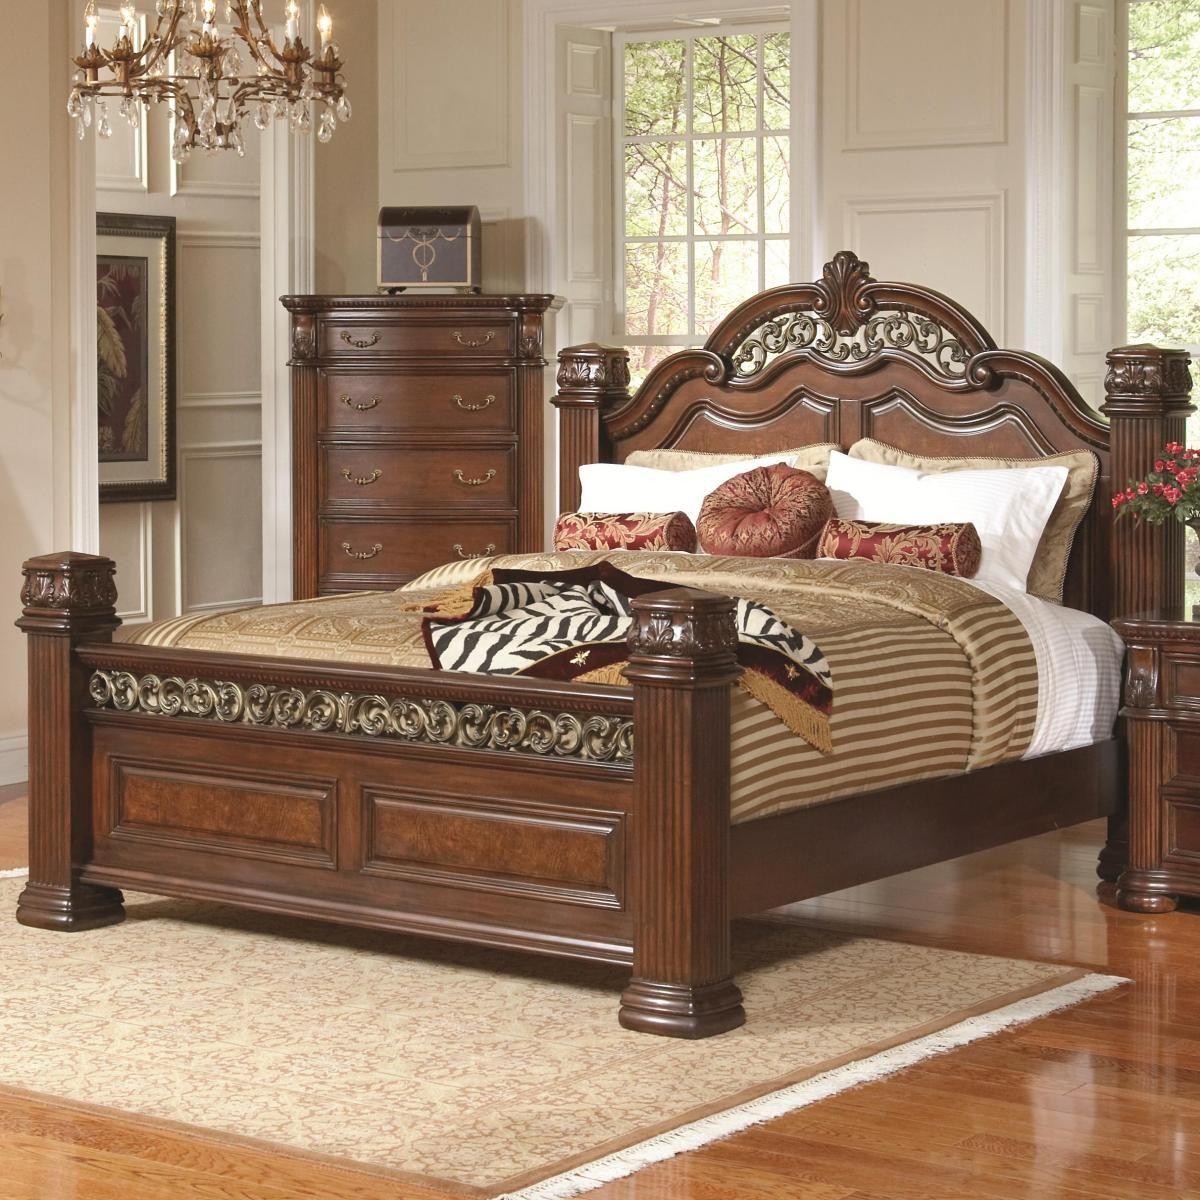 Tips For Choosing The Best Wooden Bed Frames Master Bedroom Furniture Bedroom Furniture Sets Wooden Bed Design